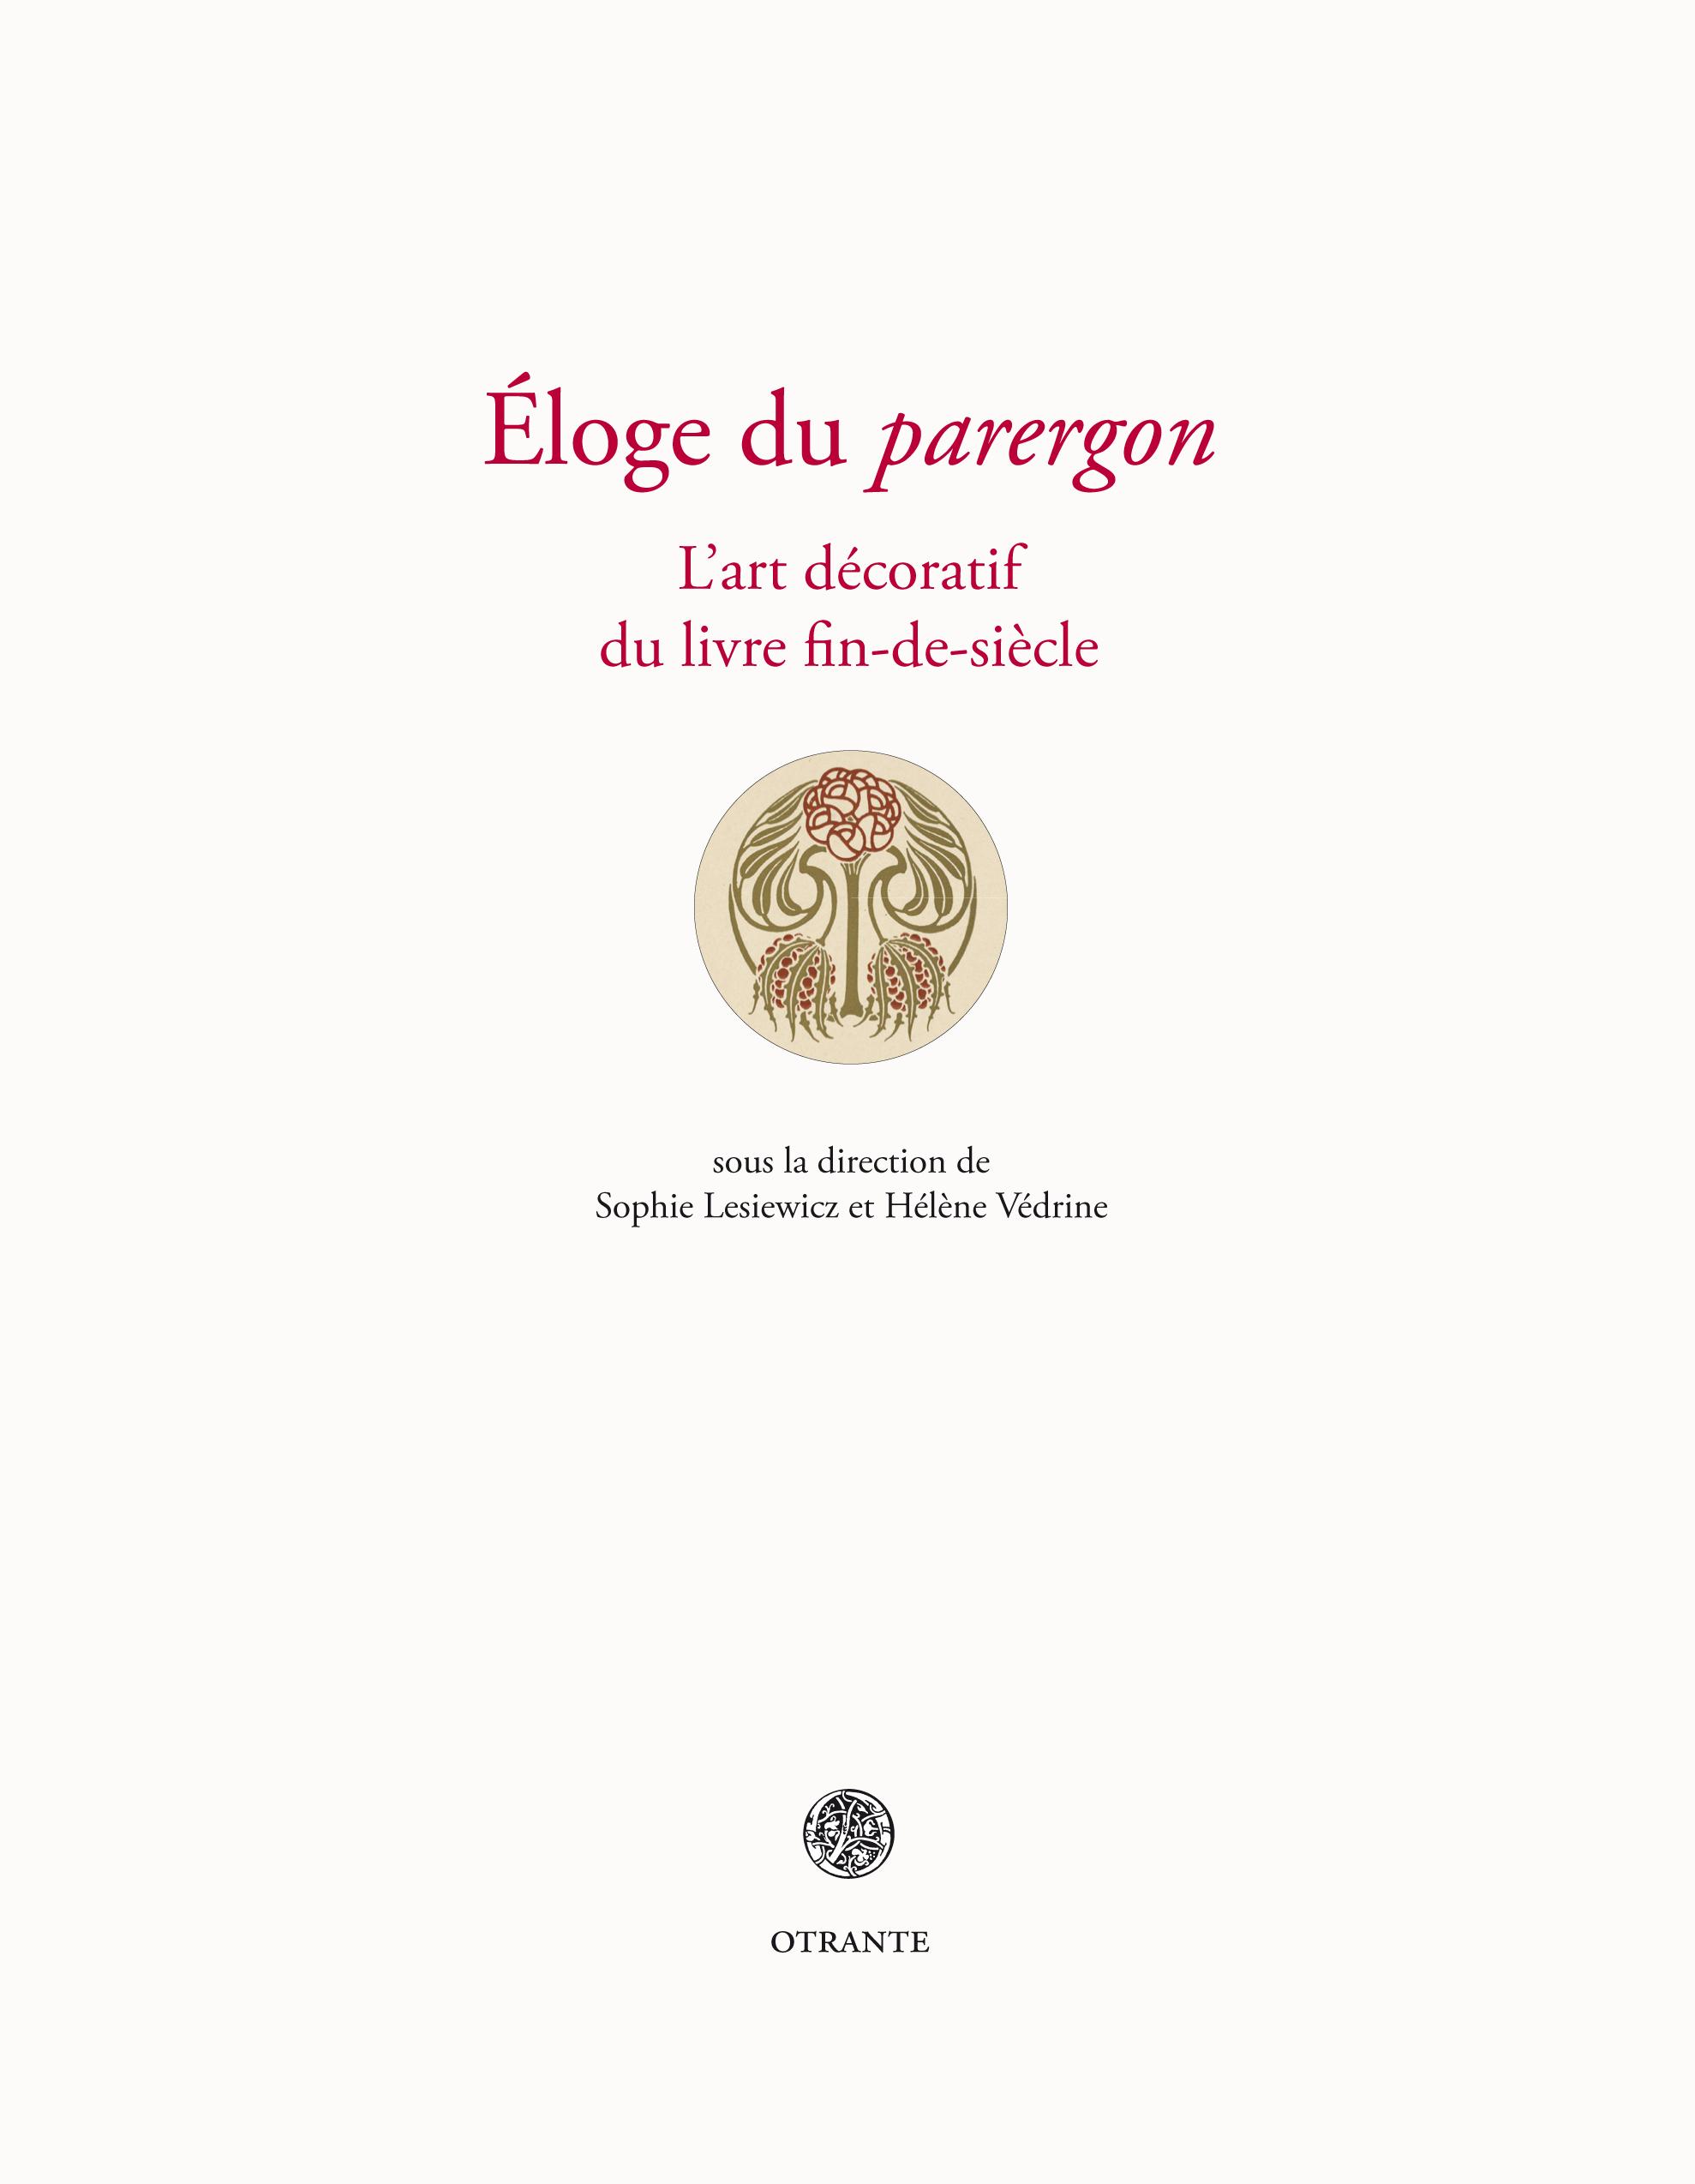 S. Lesiewicz, H. Védrine (dir.), Éloge du parergon. L'art décoratif du livre fin-de-siècle